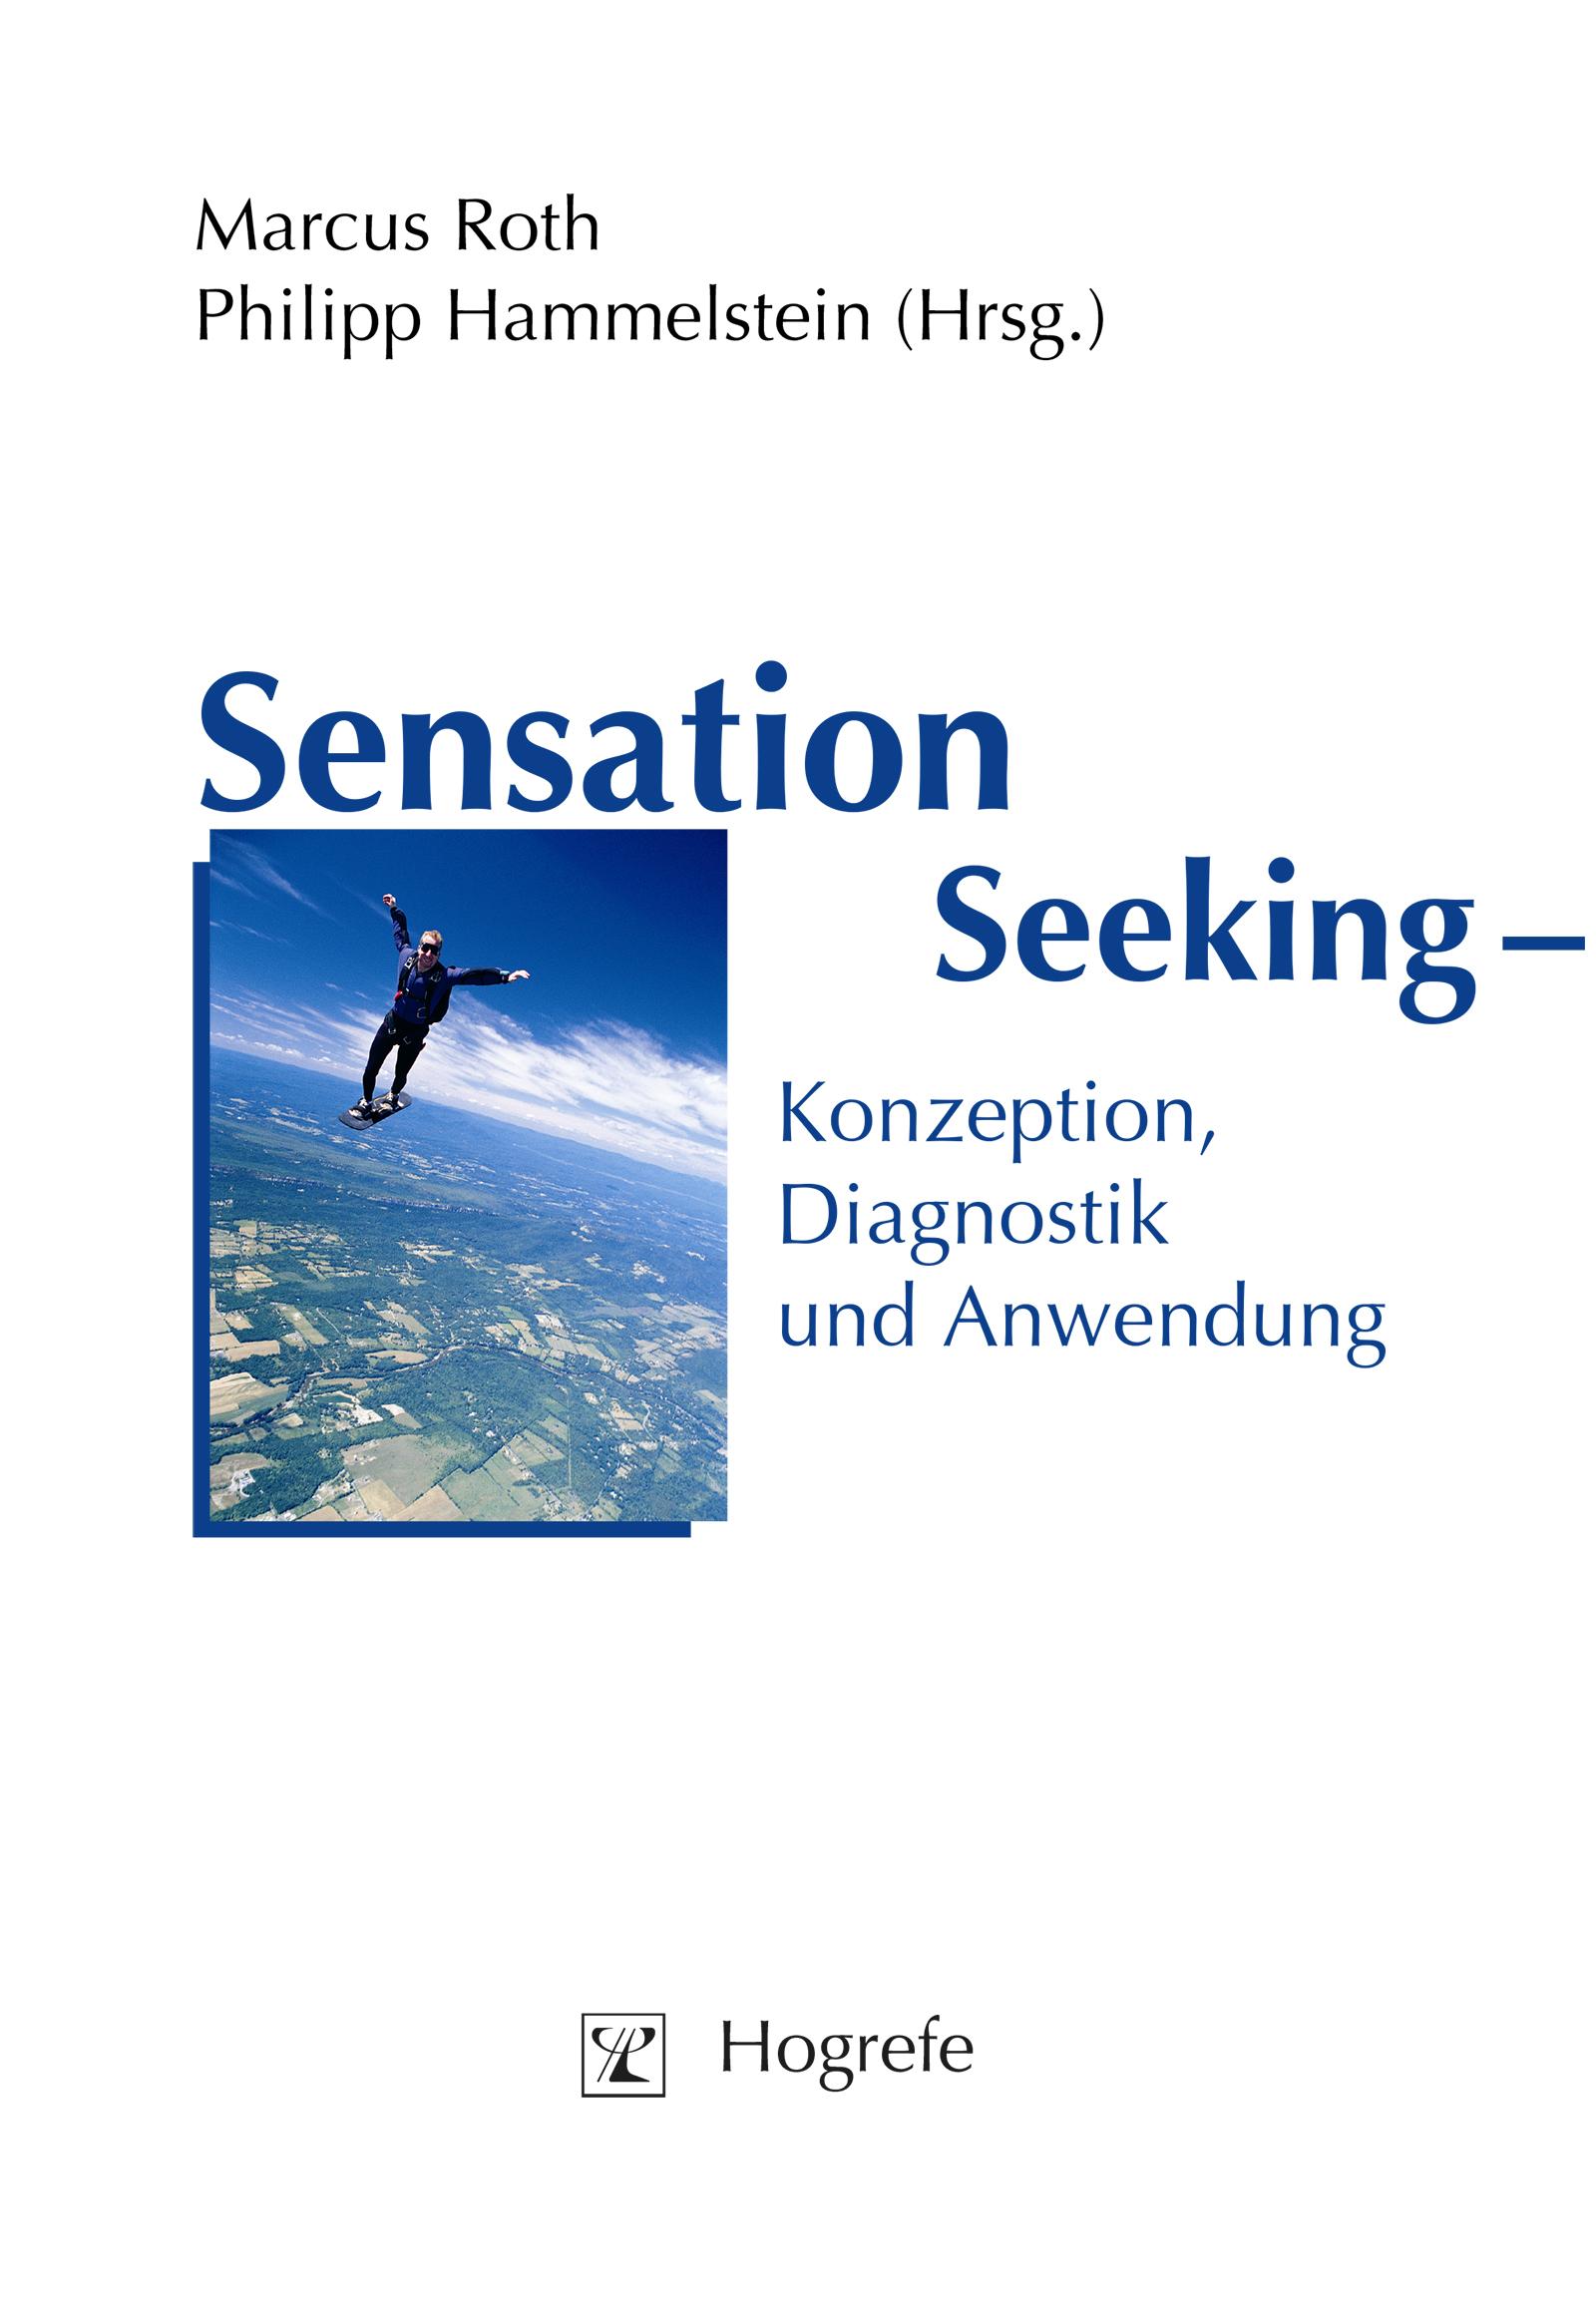 Sensation Seeking - Konzeption, Diagnostik und Anwendung Marcus Roth